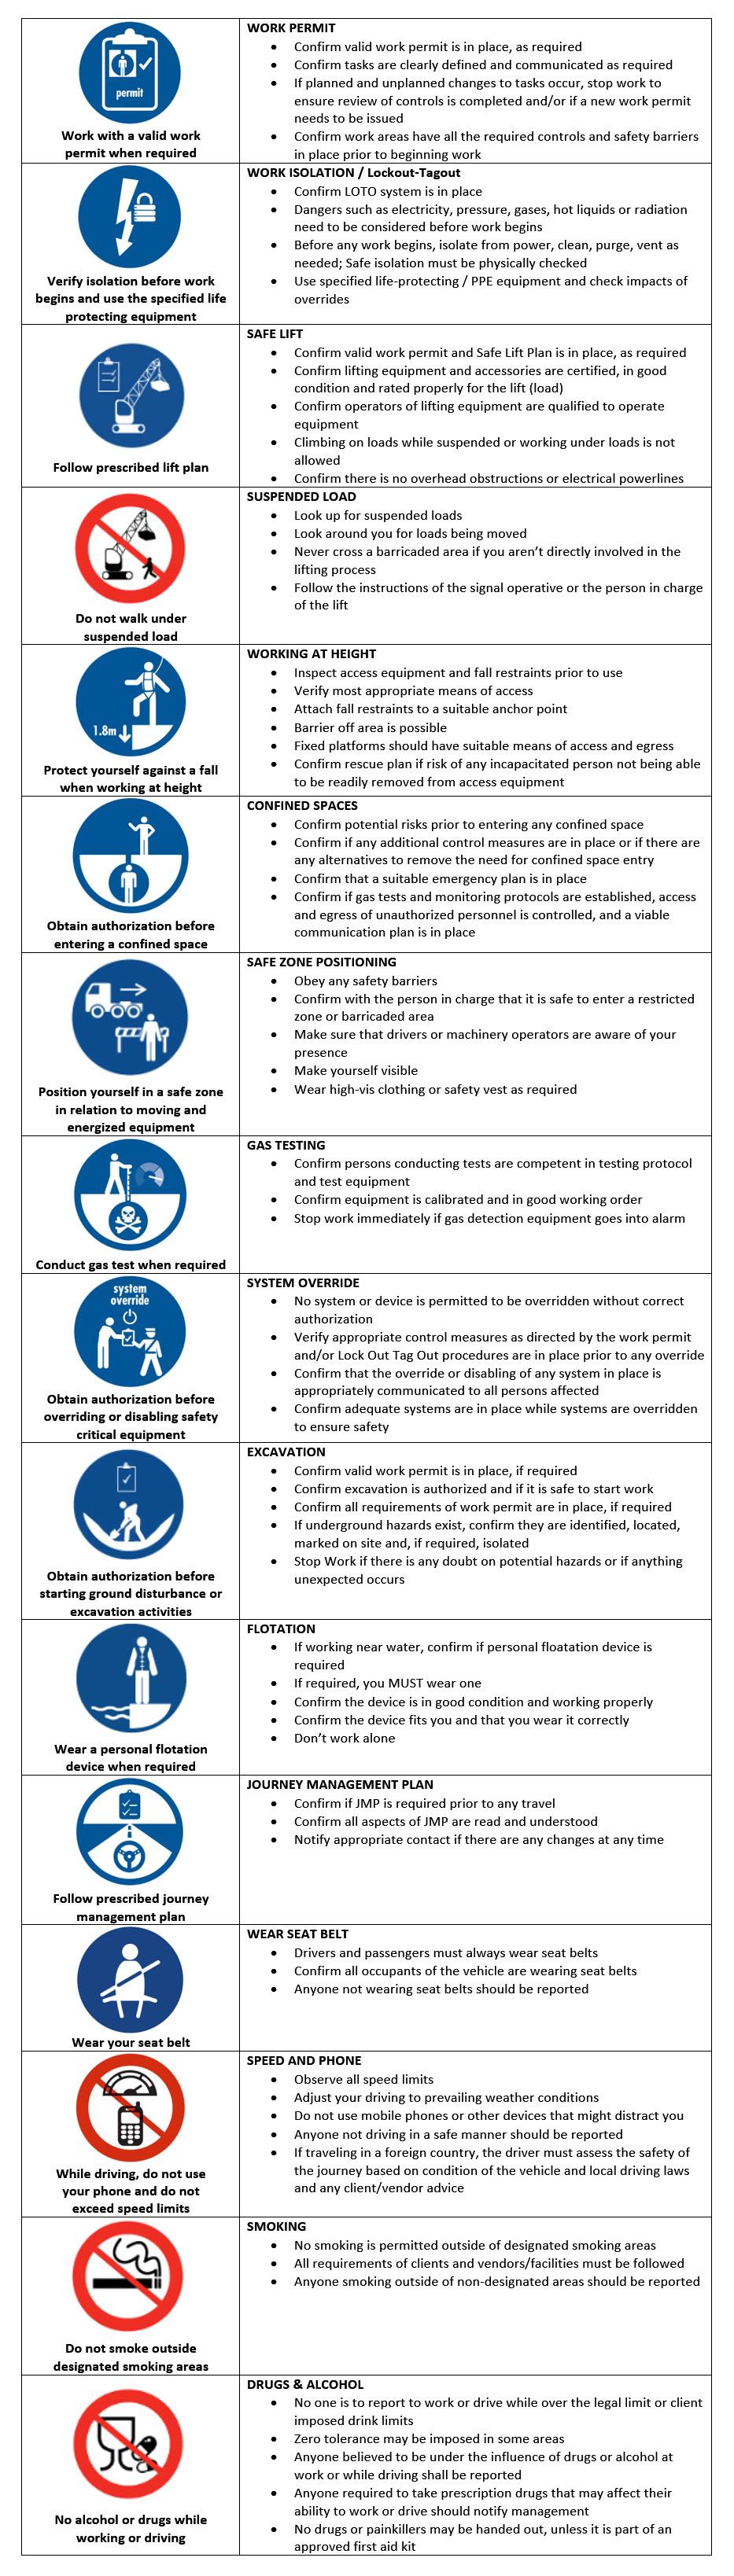 Safety Key - ASTC